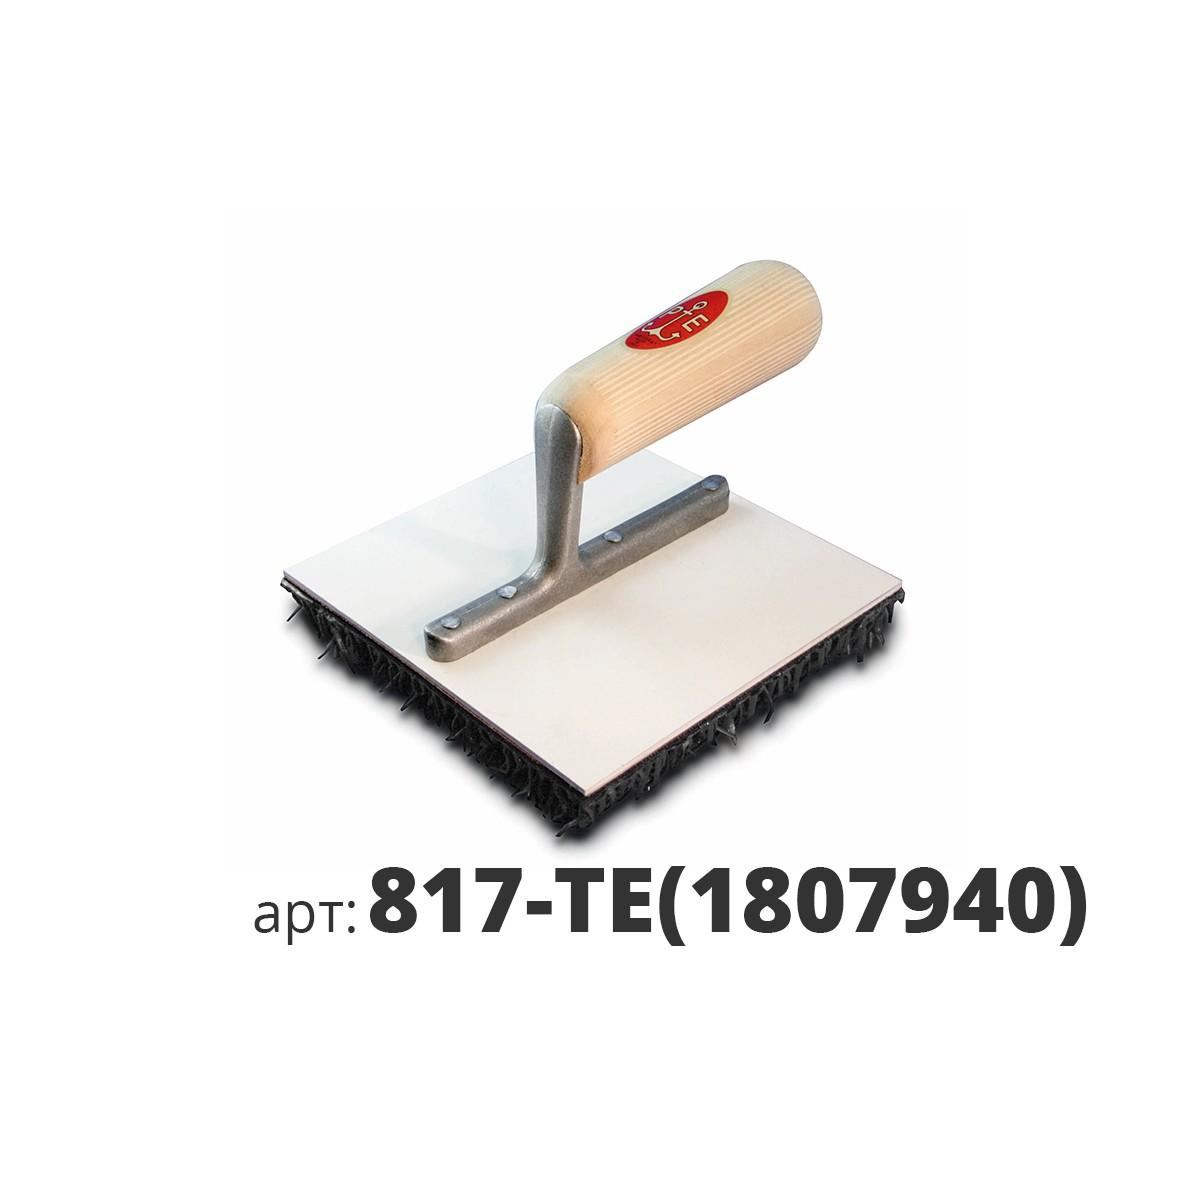 PAVAN специальный шпатель с деревянной ручкой 817-TE(1807940)